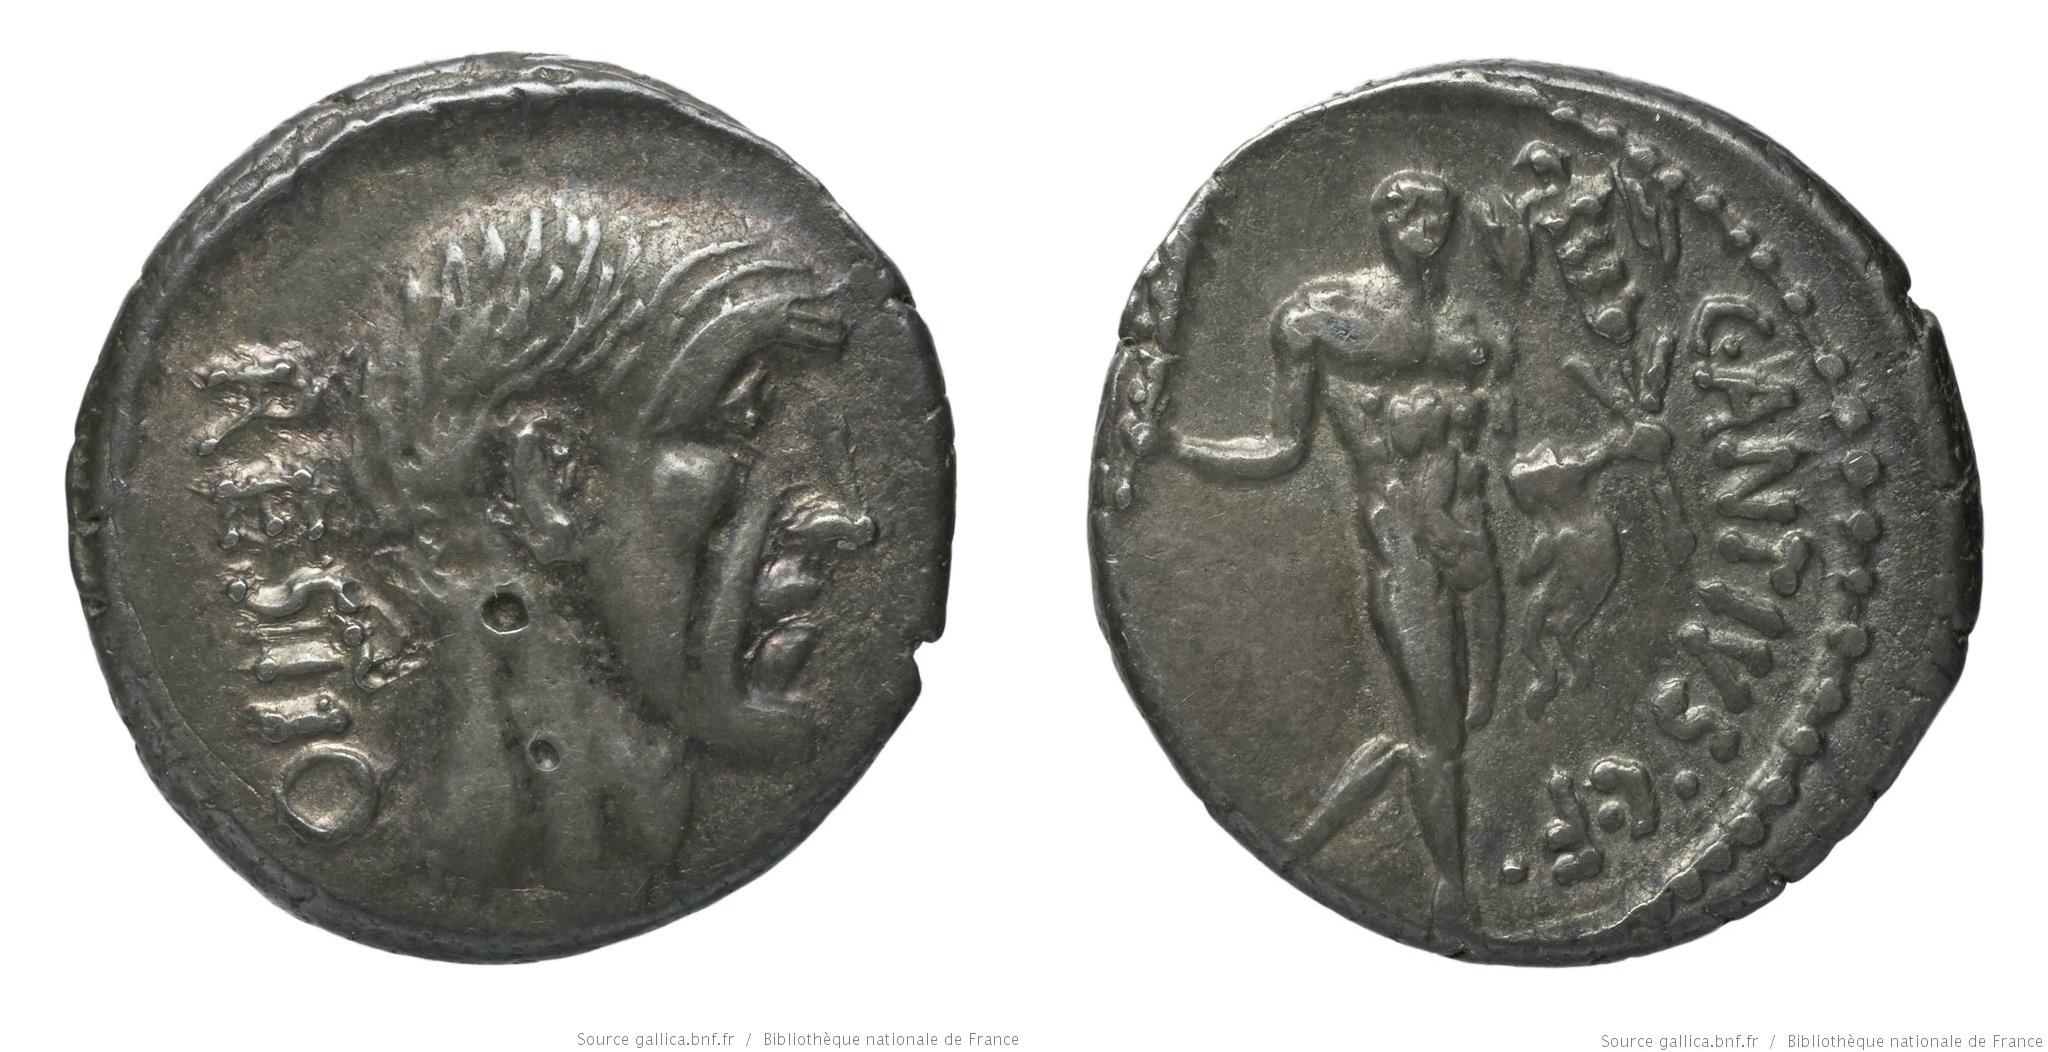 1453AN – Denier Antia – Caius Antius Restio